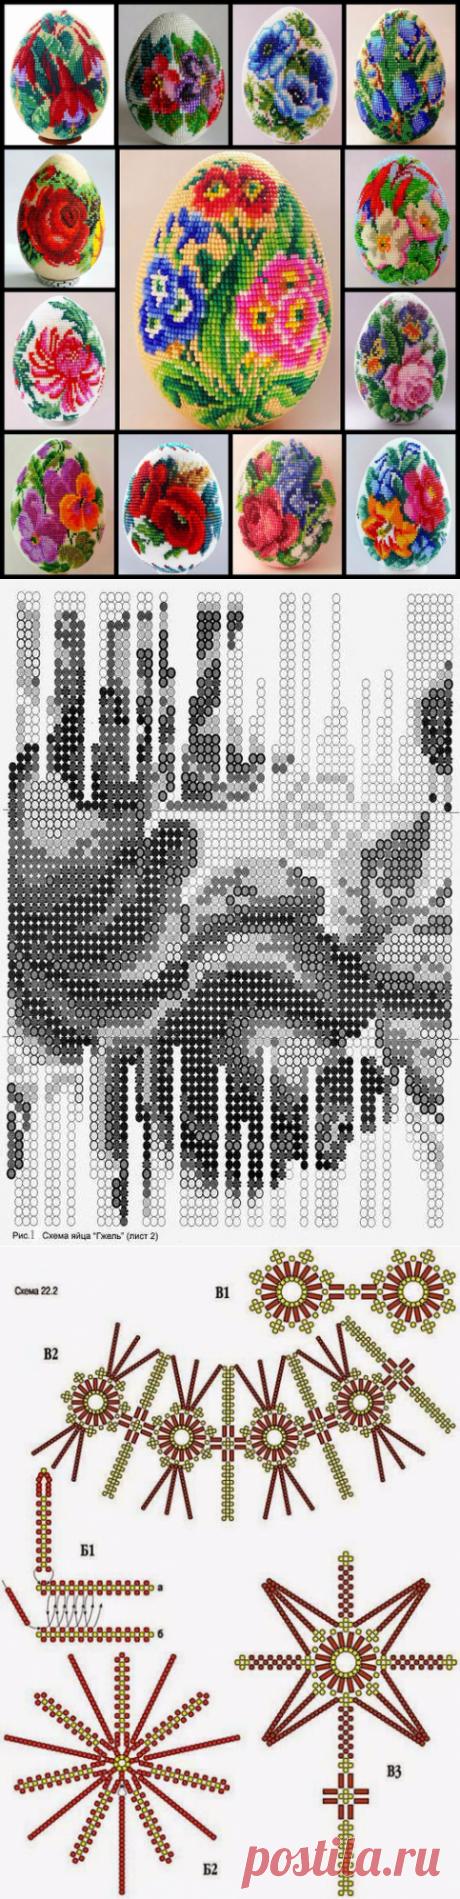 """Бисероплетение: """"Пасхальные яйца"""" (обзор + схемы)"""